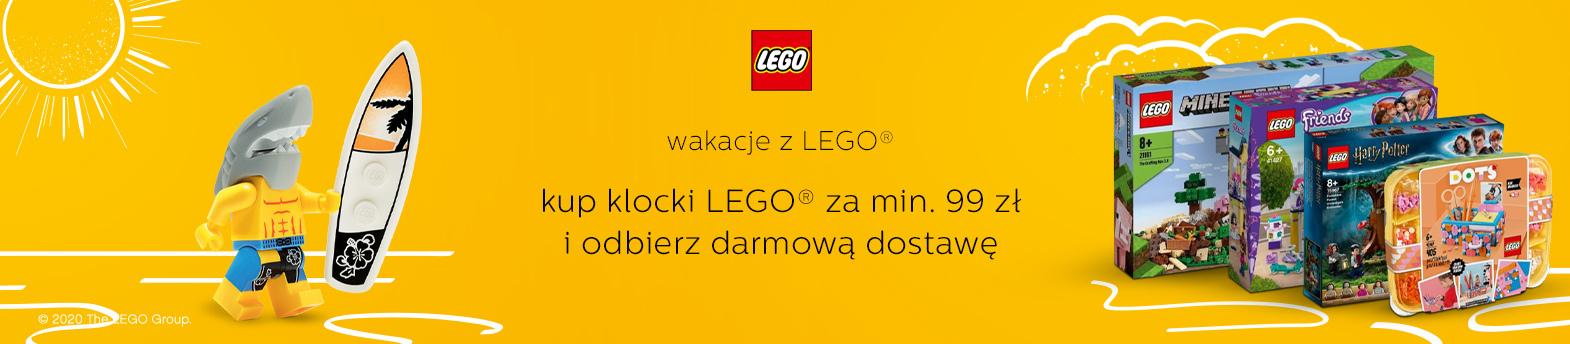 darmowa dostawa LEGO®